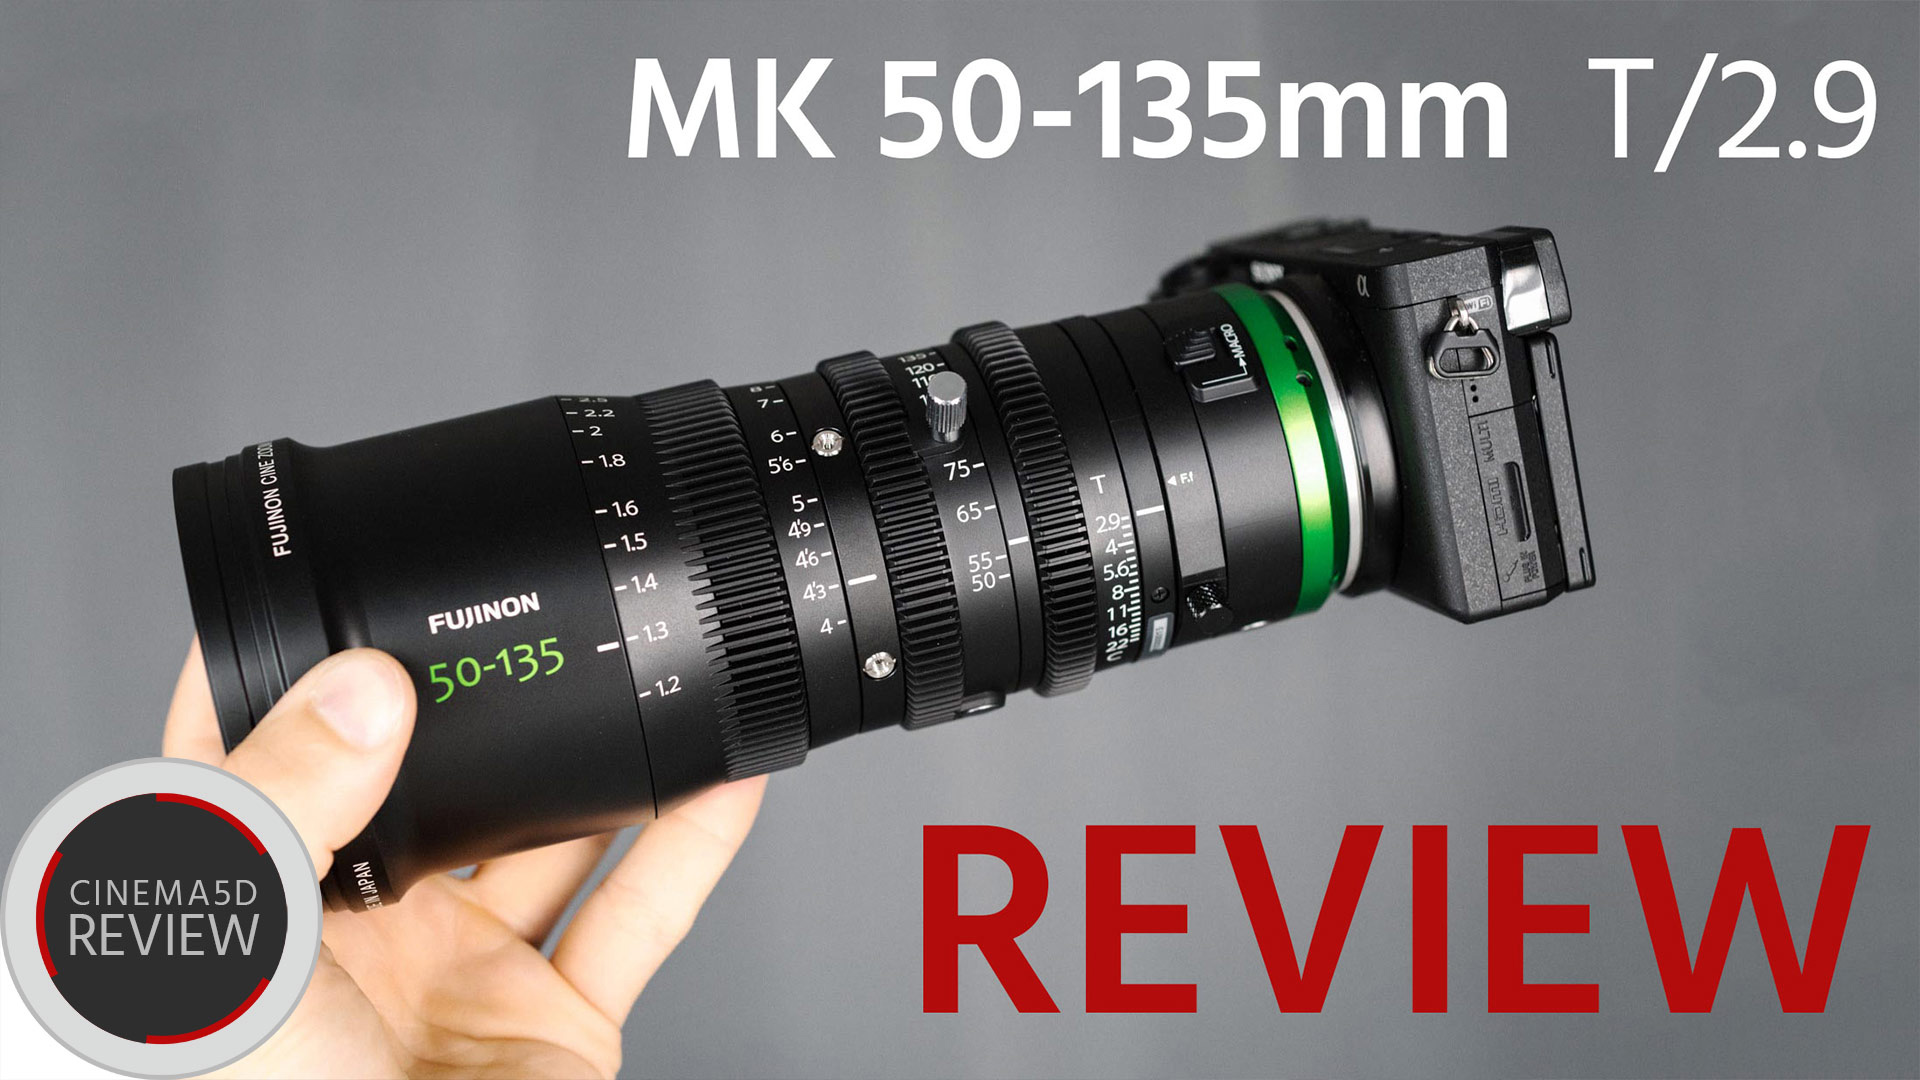 Reseña del FUJINON MK 50-135mm: ¿un zoom de cine valioso para tu kit?